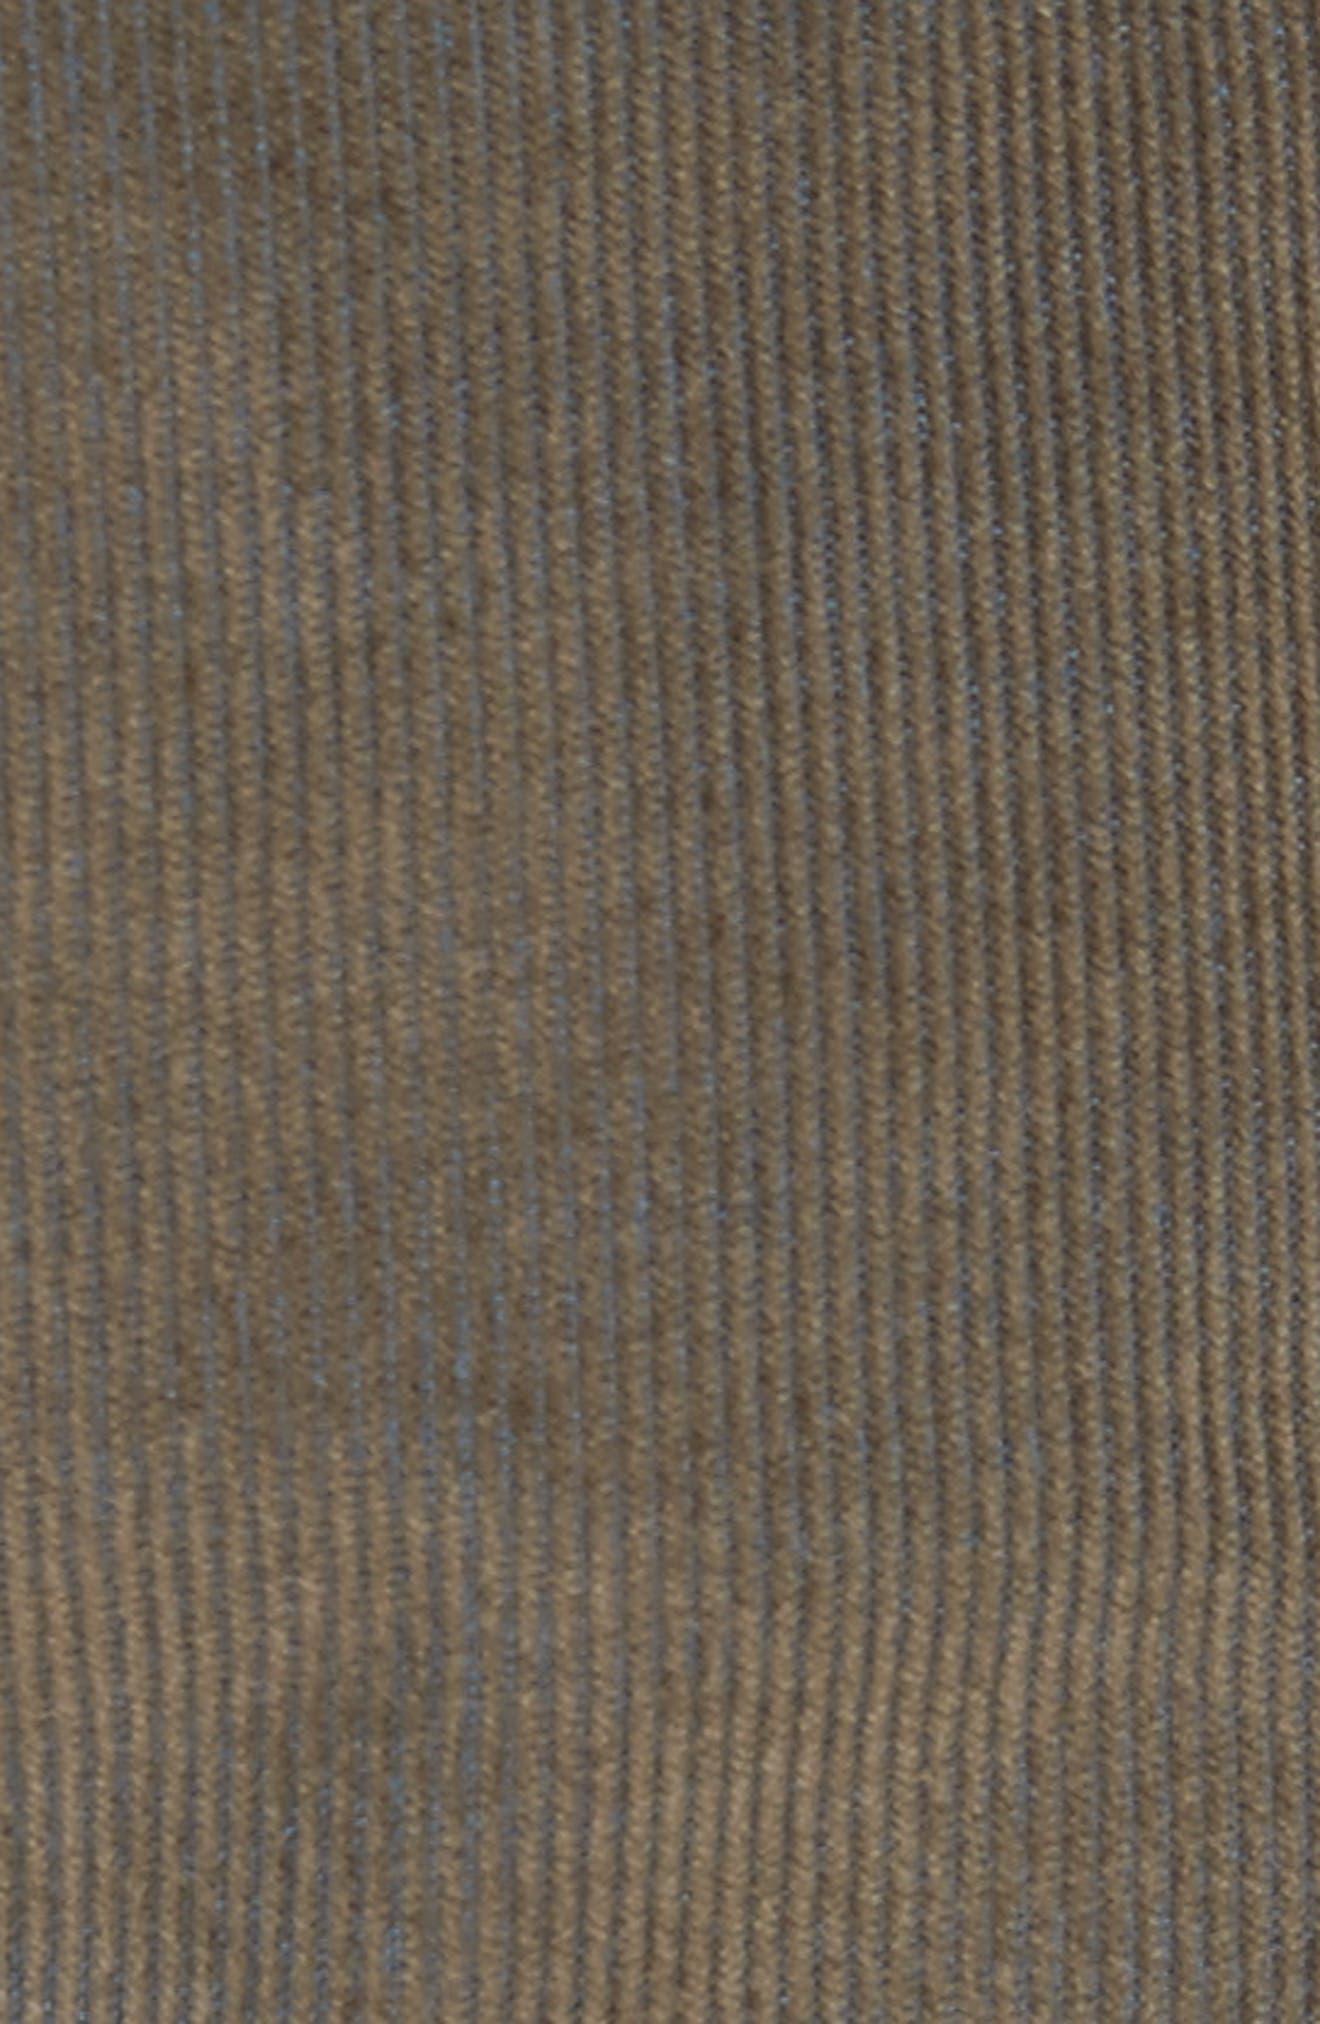 Second Cut Sludge Corduroy Pants,                             Alternate thumbnail 5, color,                             301